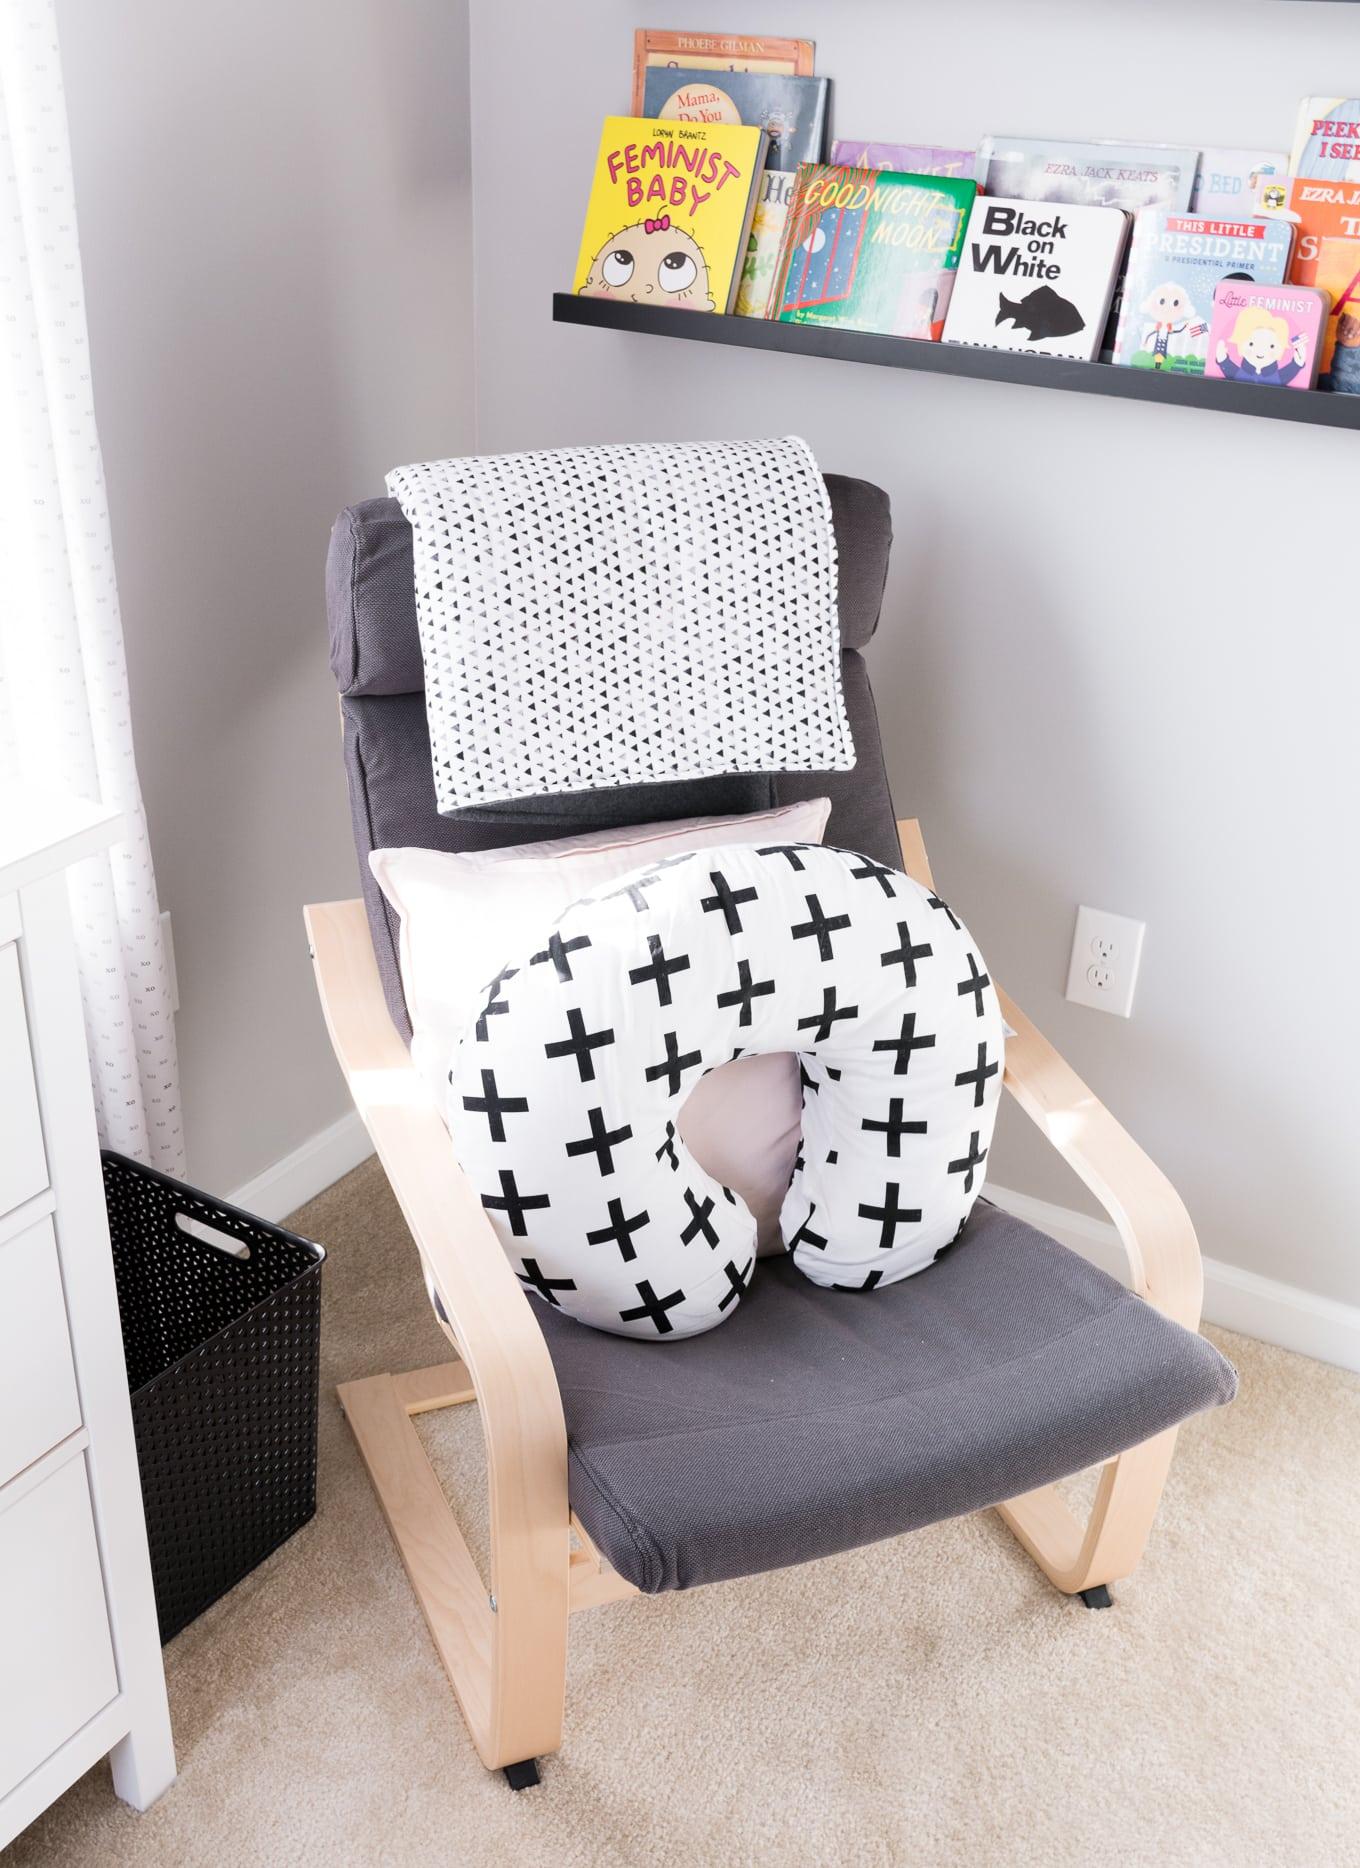 Ikea poang rocker in a nursery